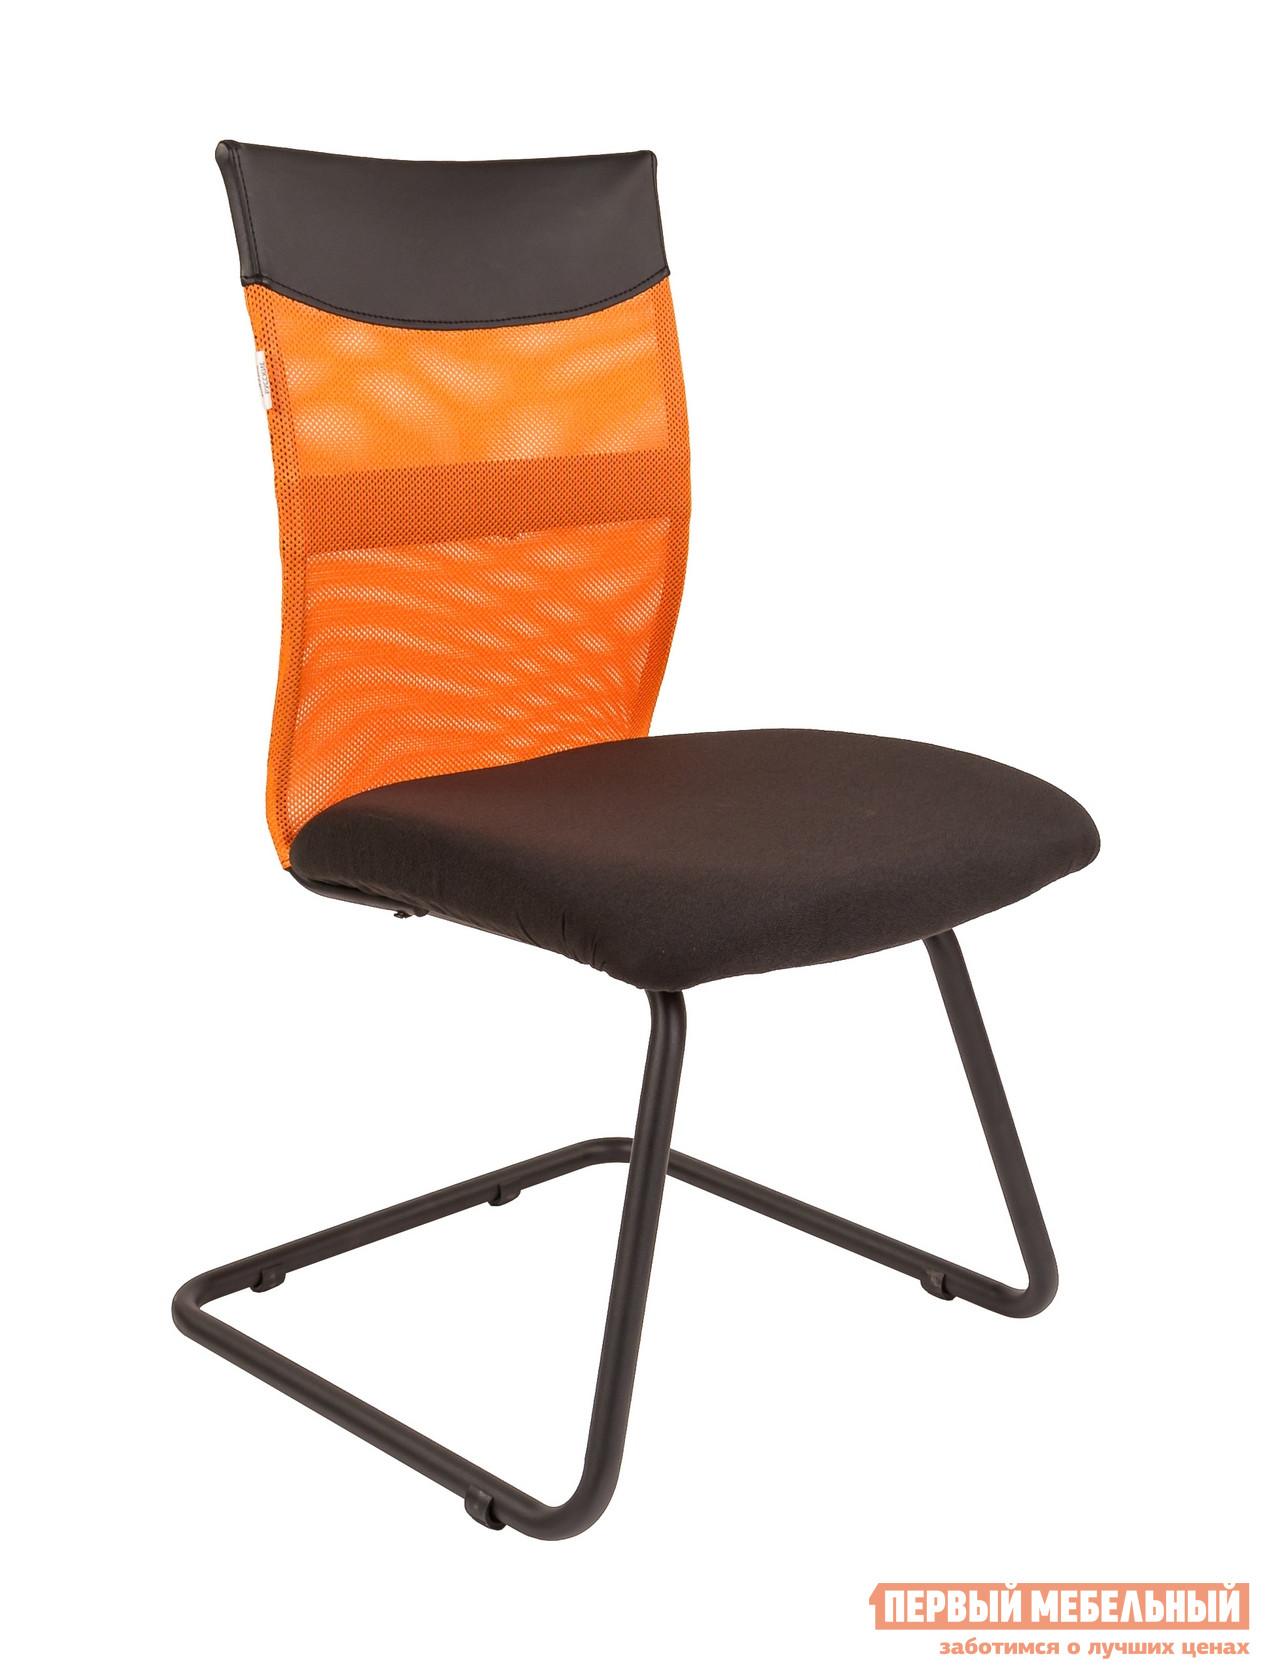 Офисный стул  РК 69 V TW черный / Сетка Оранжевый